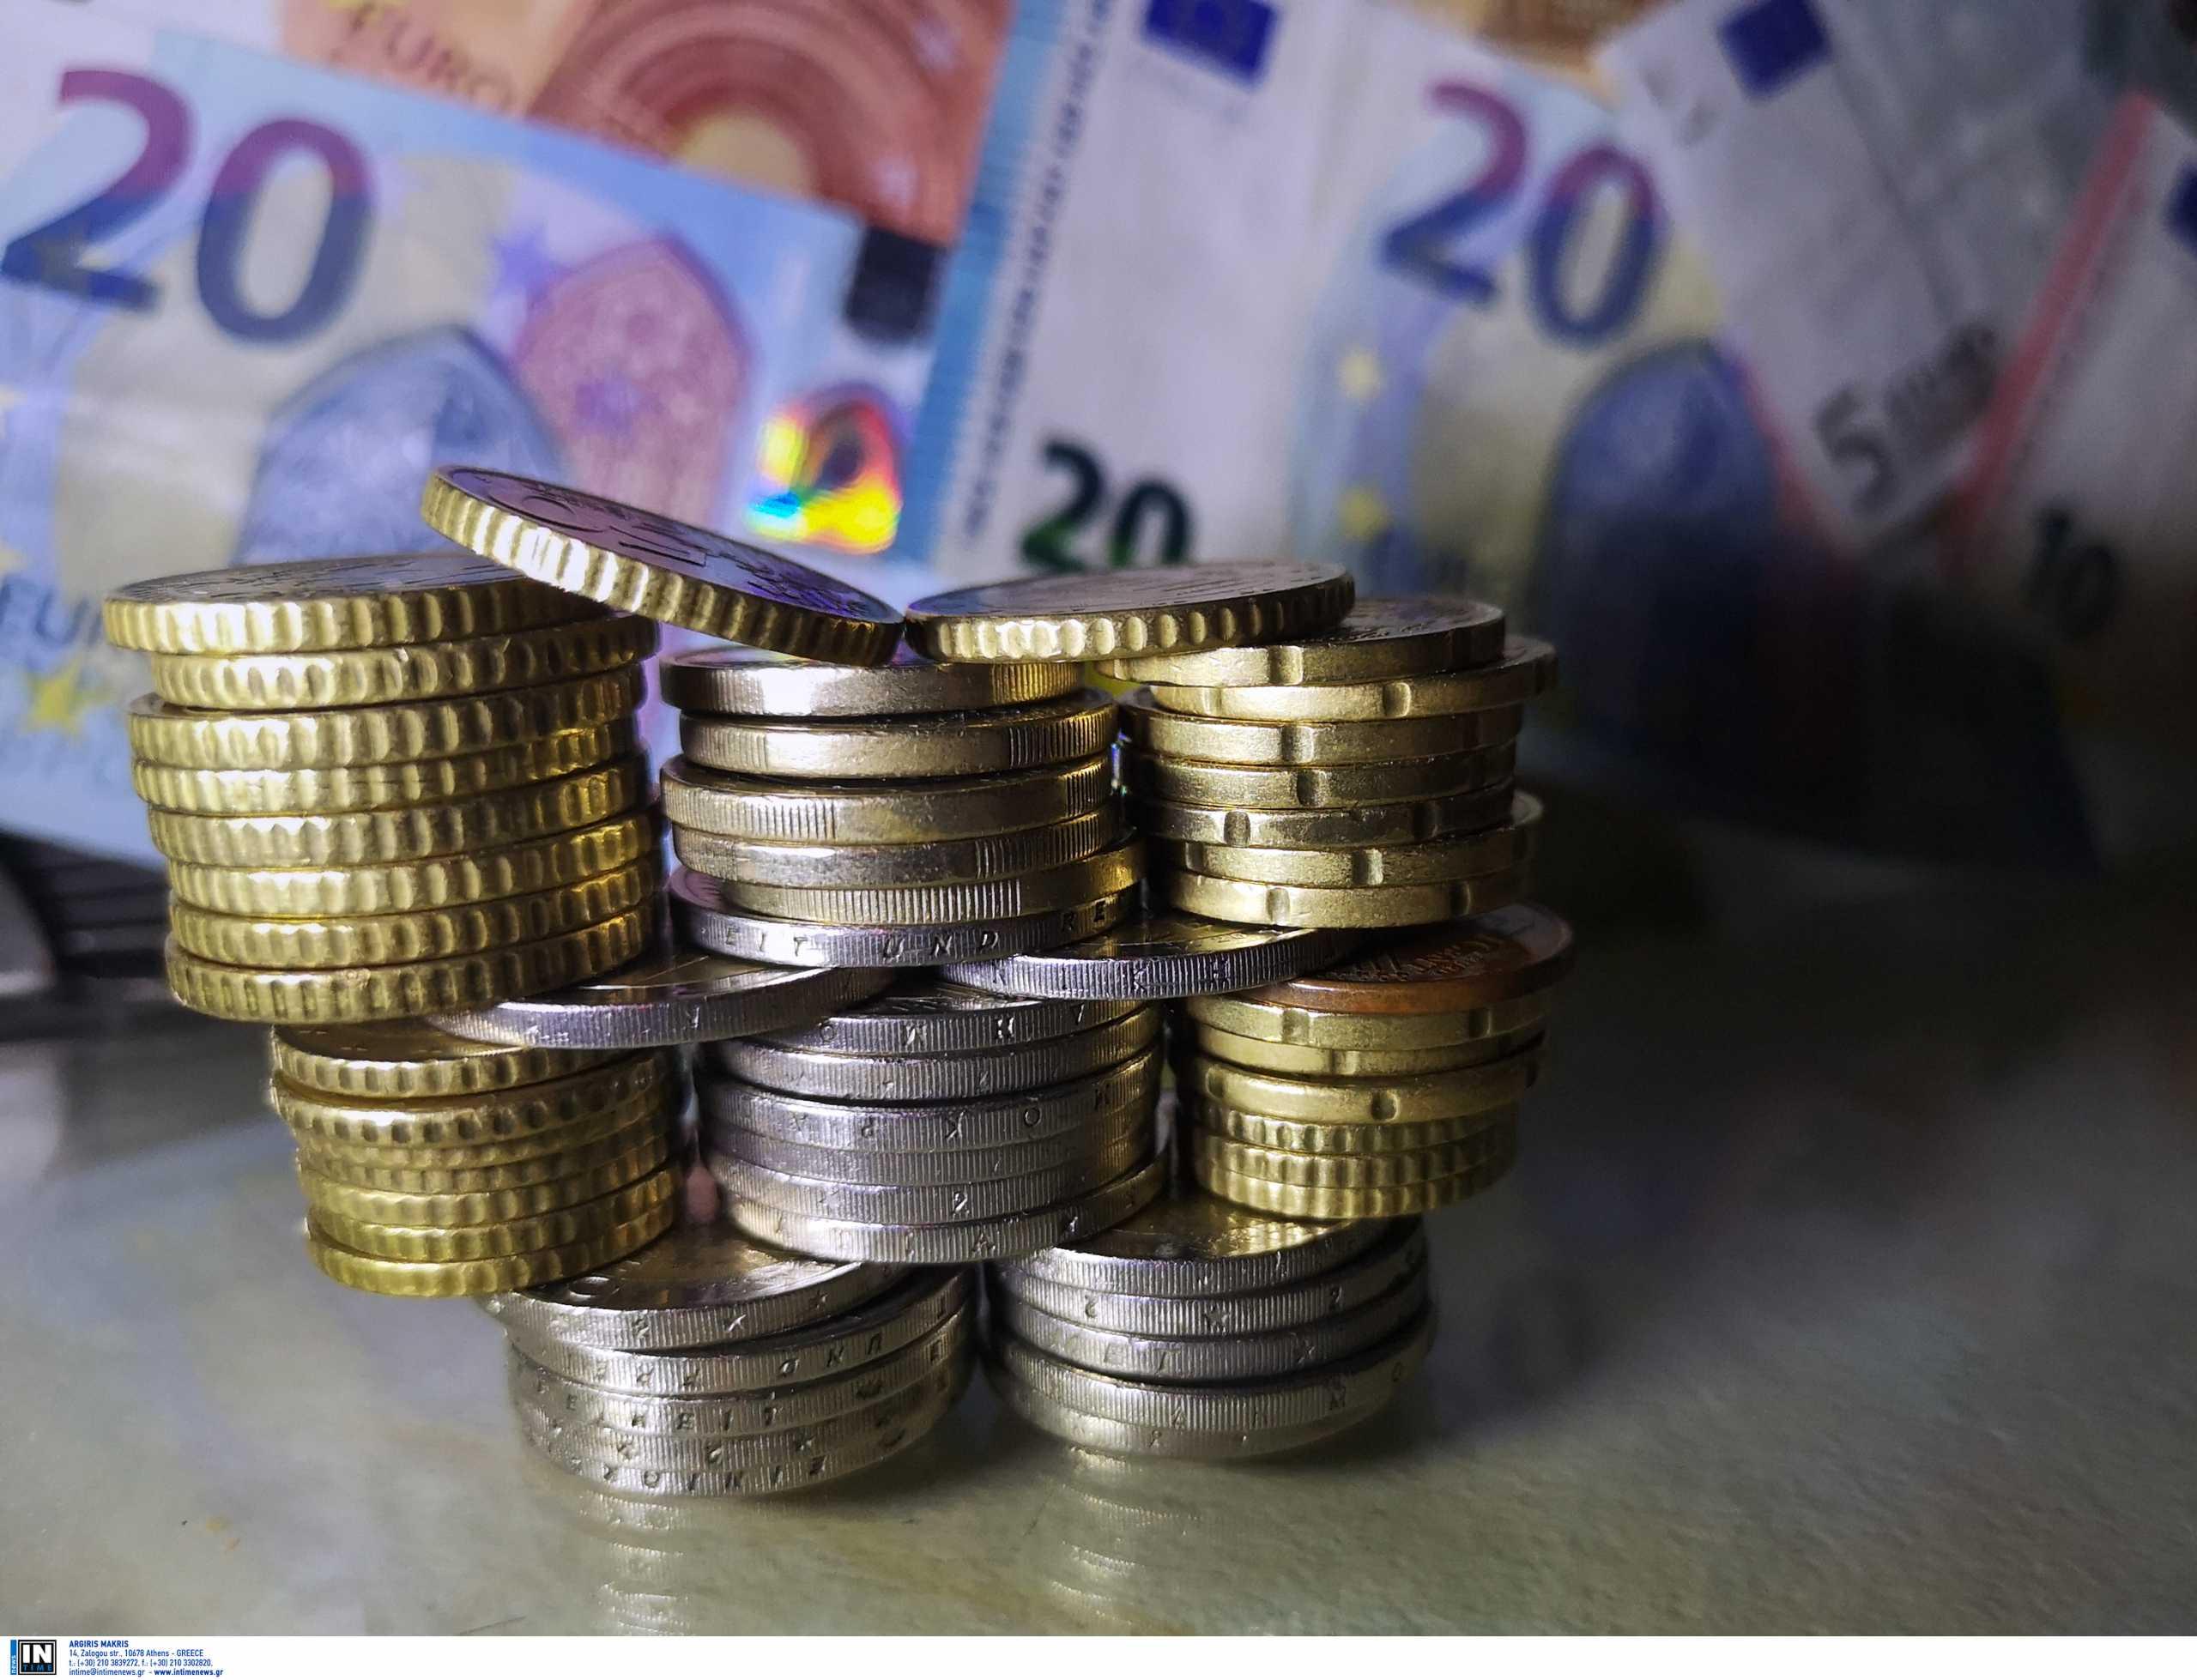 2.000 πλαστά κέρματα θα έριχναν στην αγορά της Θεσσαλονίκης 6 Κινέζοι